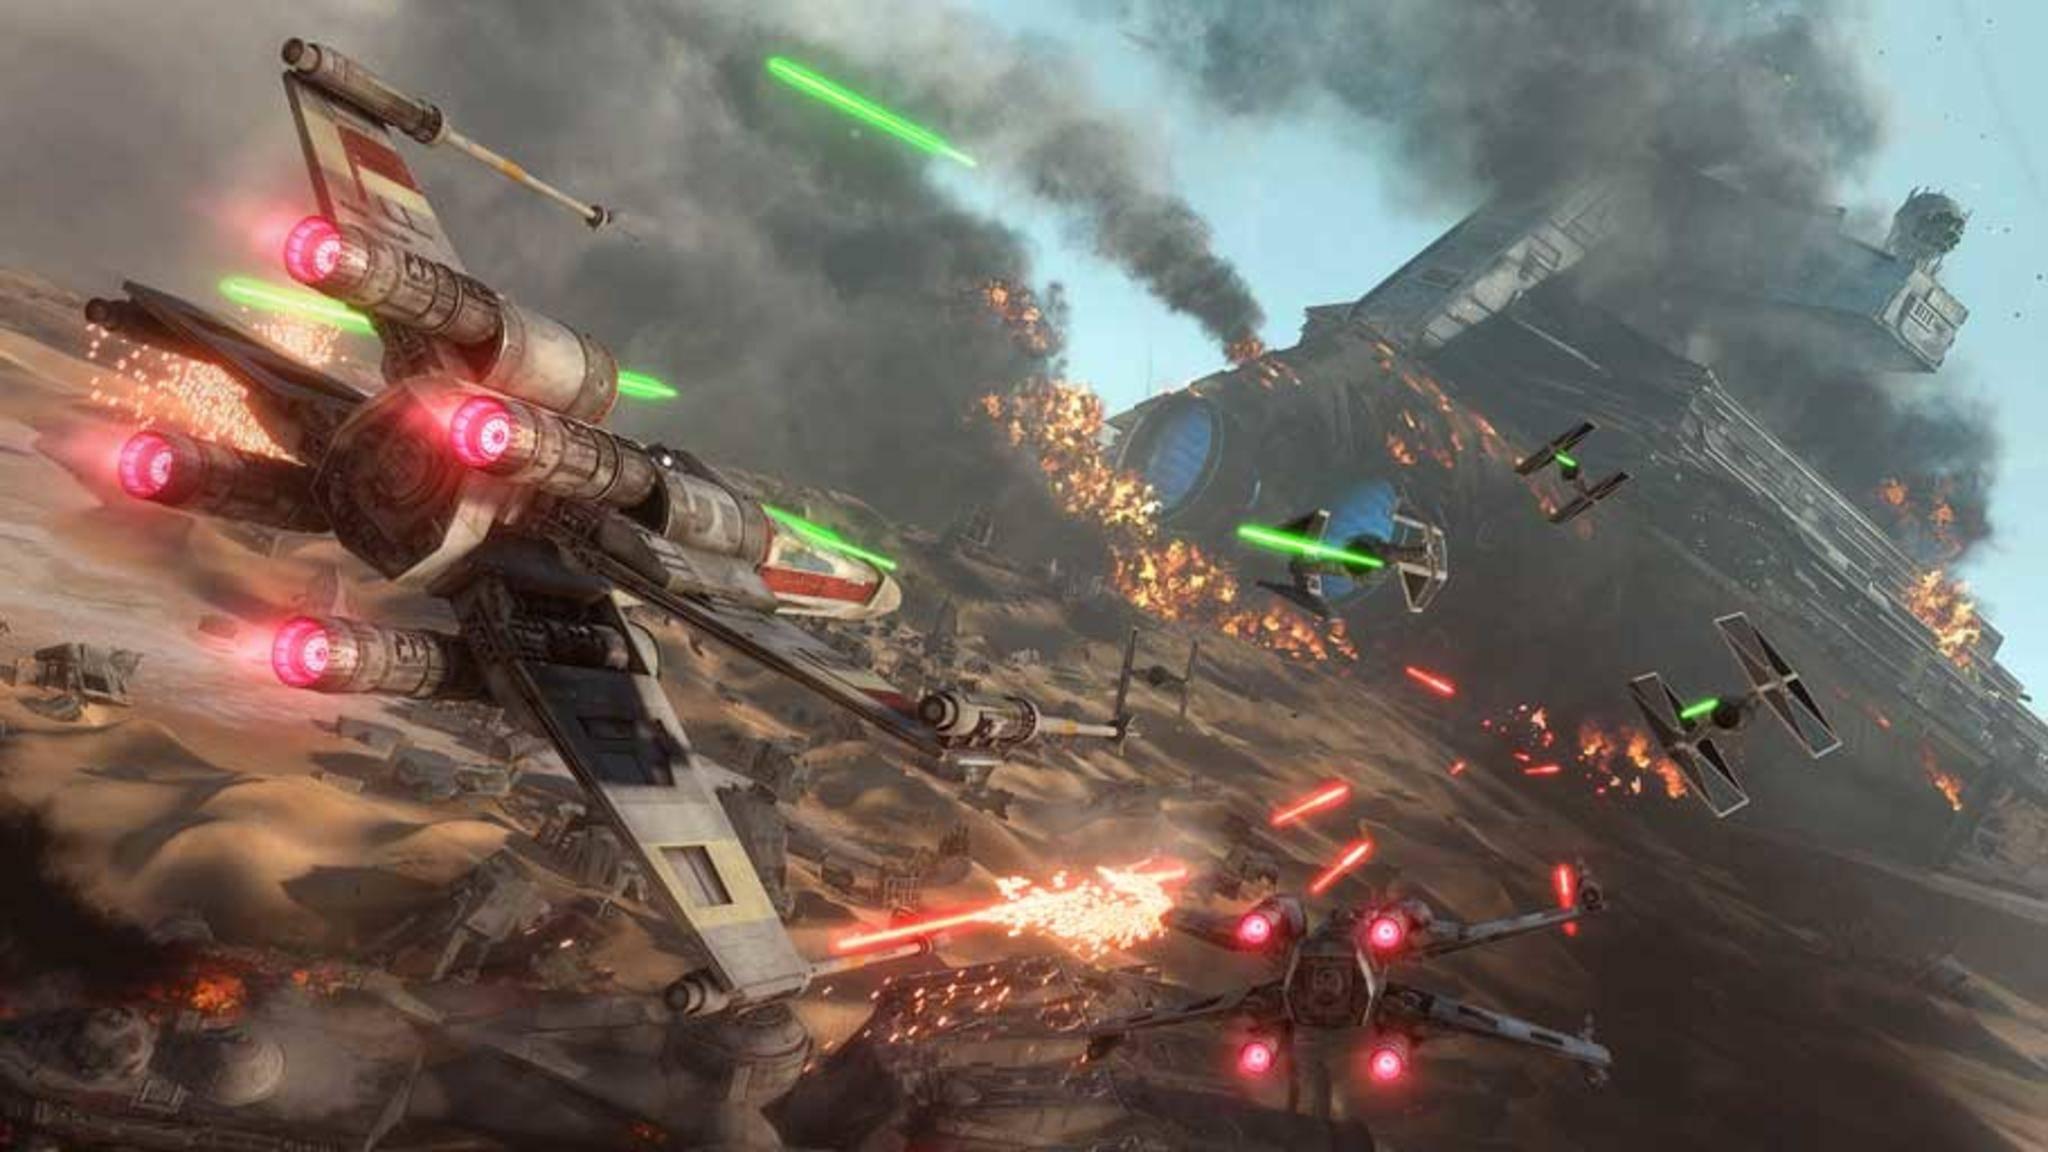 """Gefechte in Raumjägern dürften auch in """"Star Wars: Battlefront 2"""" wieder zum Repertoire gehören."""